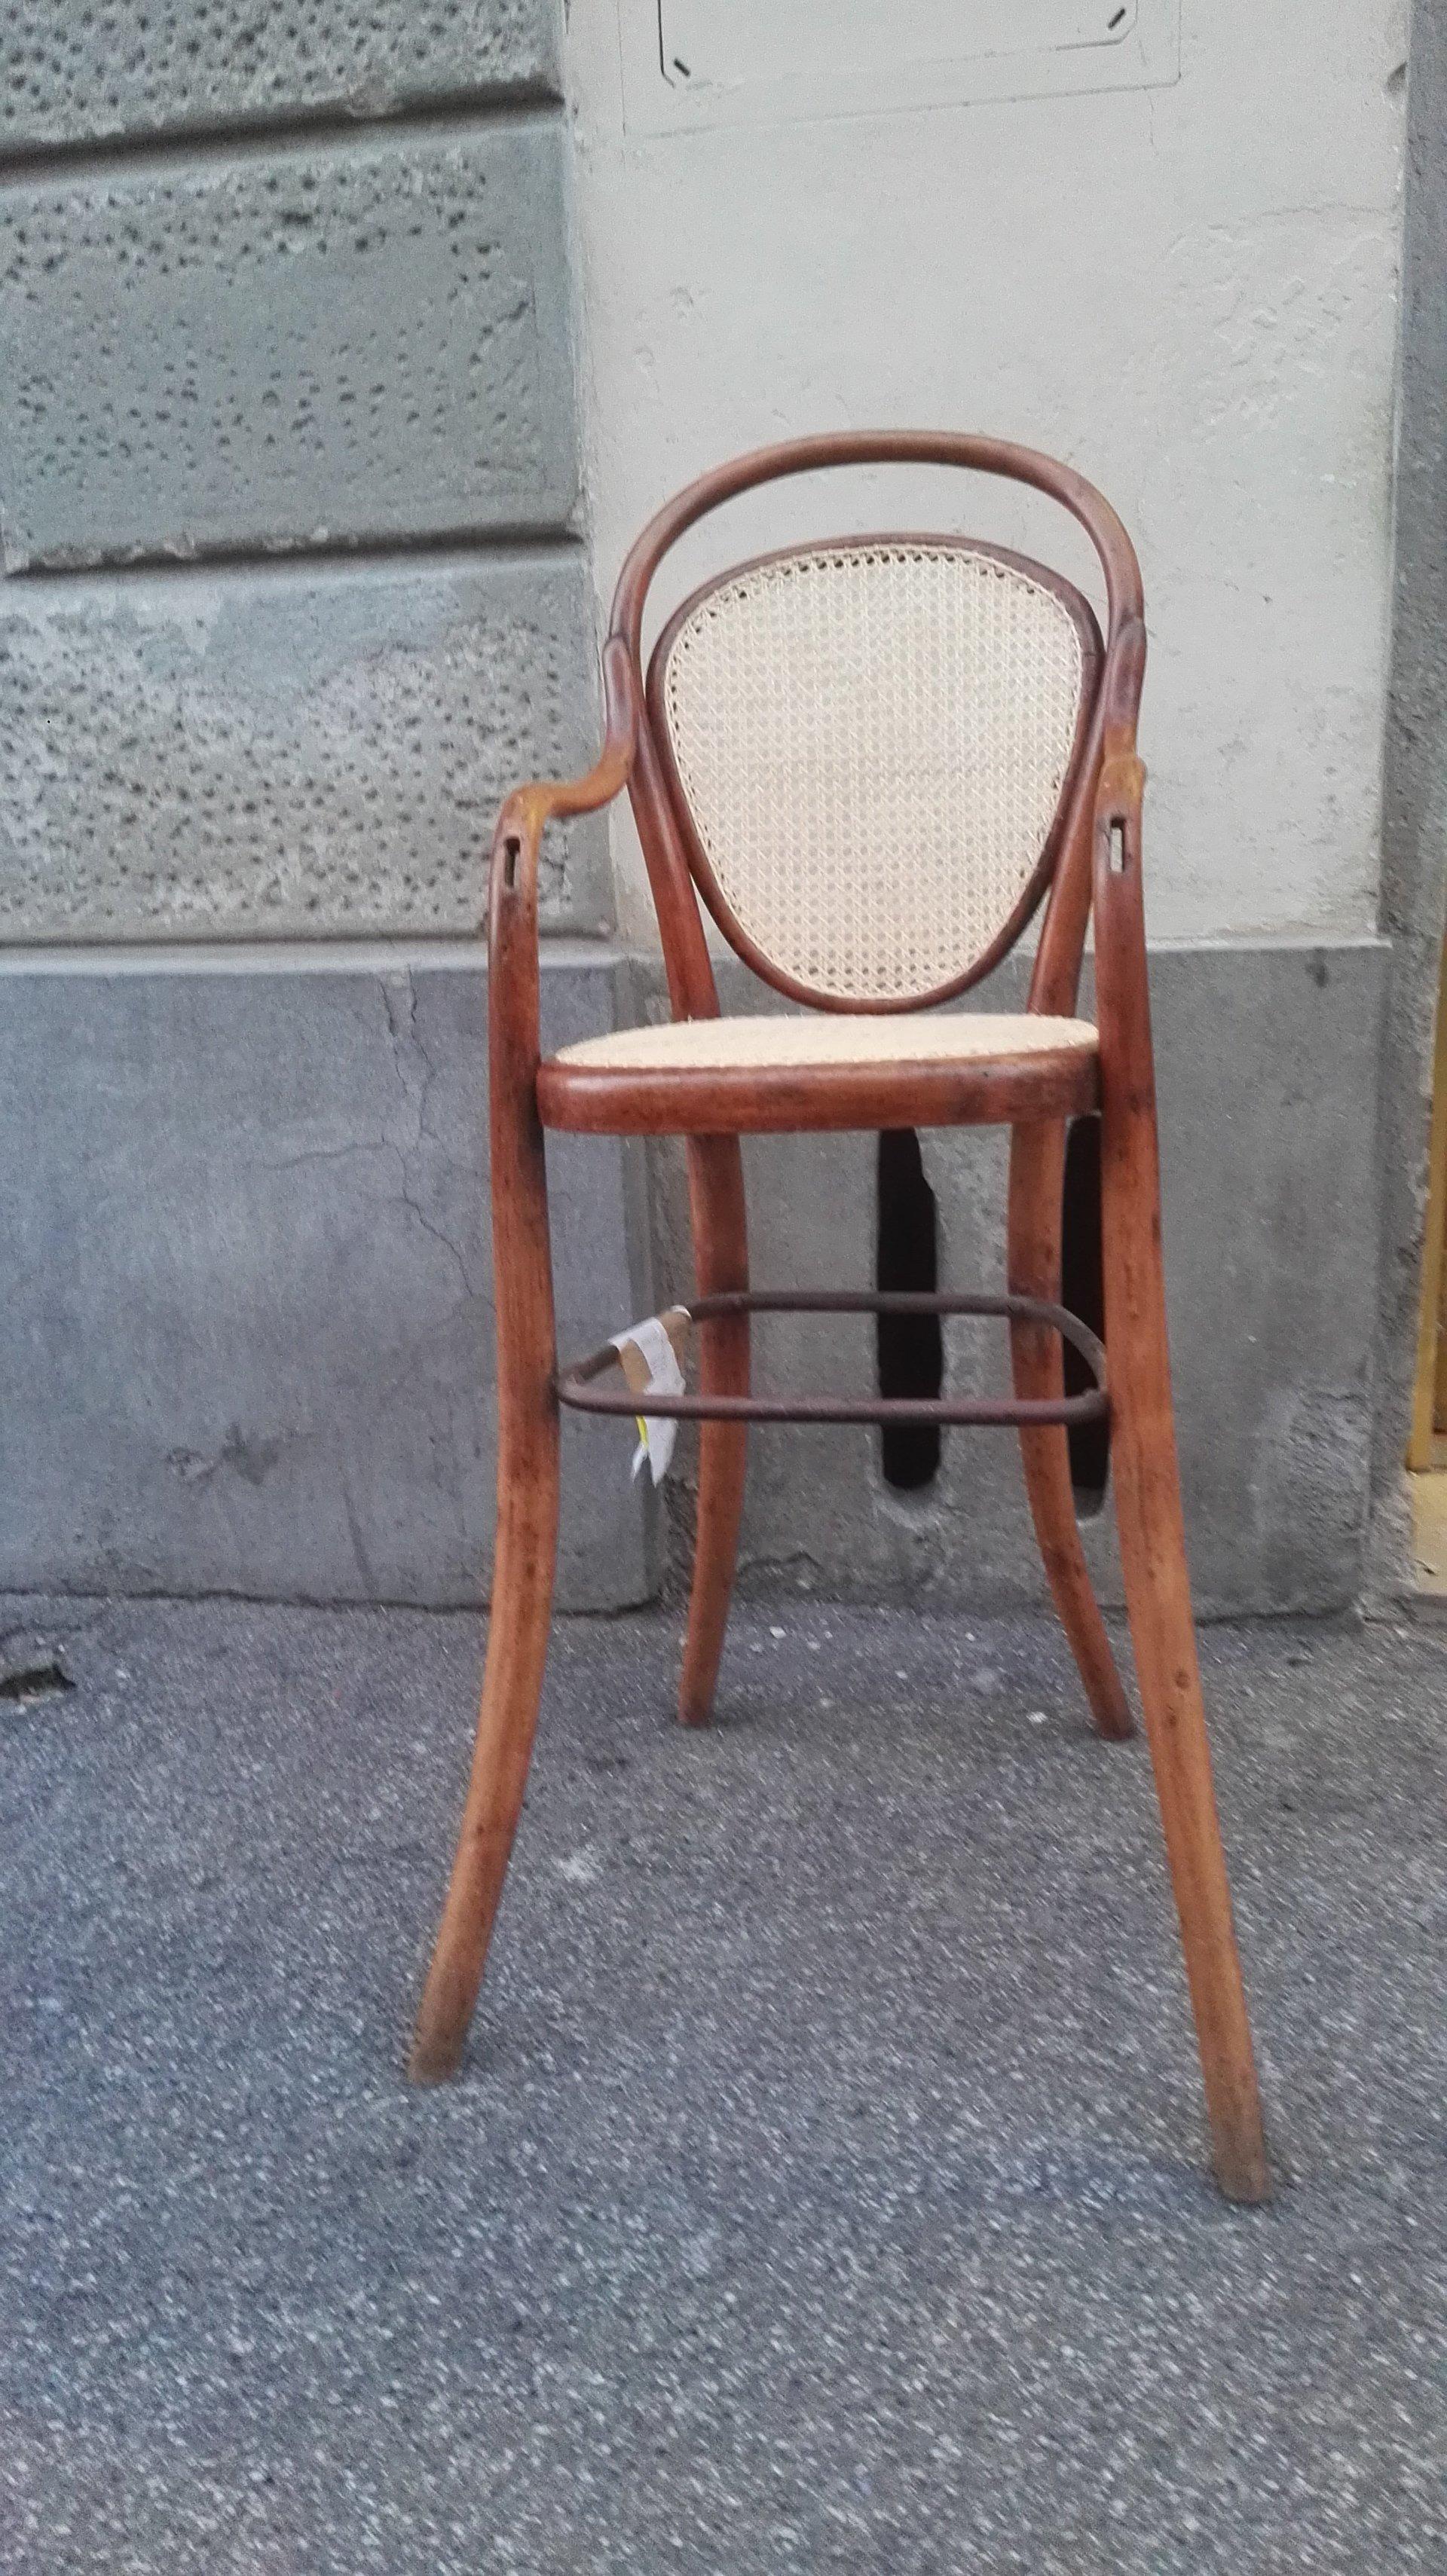 particolare sedia di legno con schienale e seduta in paglia intrecciata in piccole trame a rete